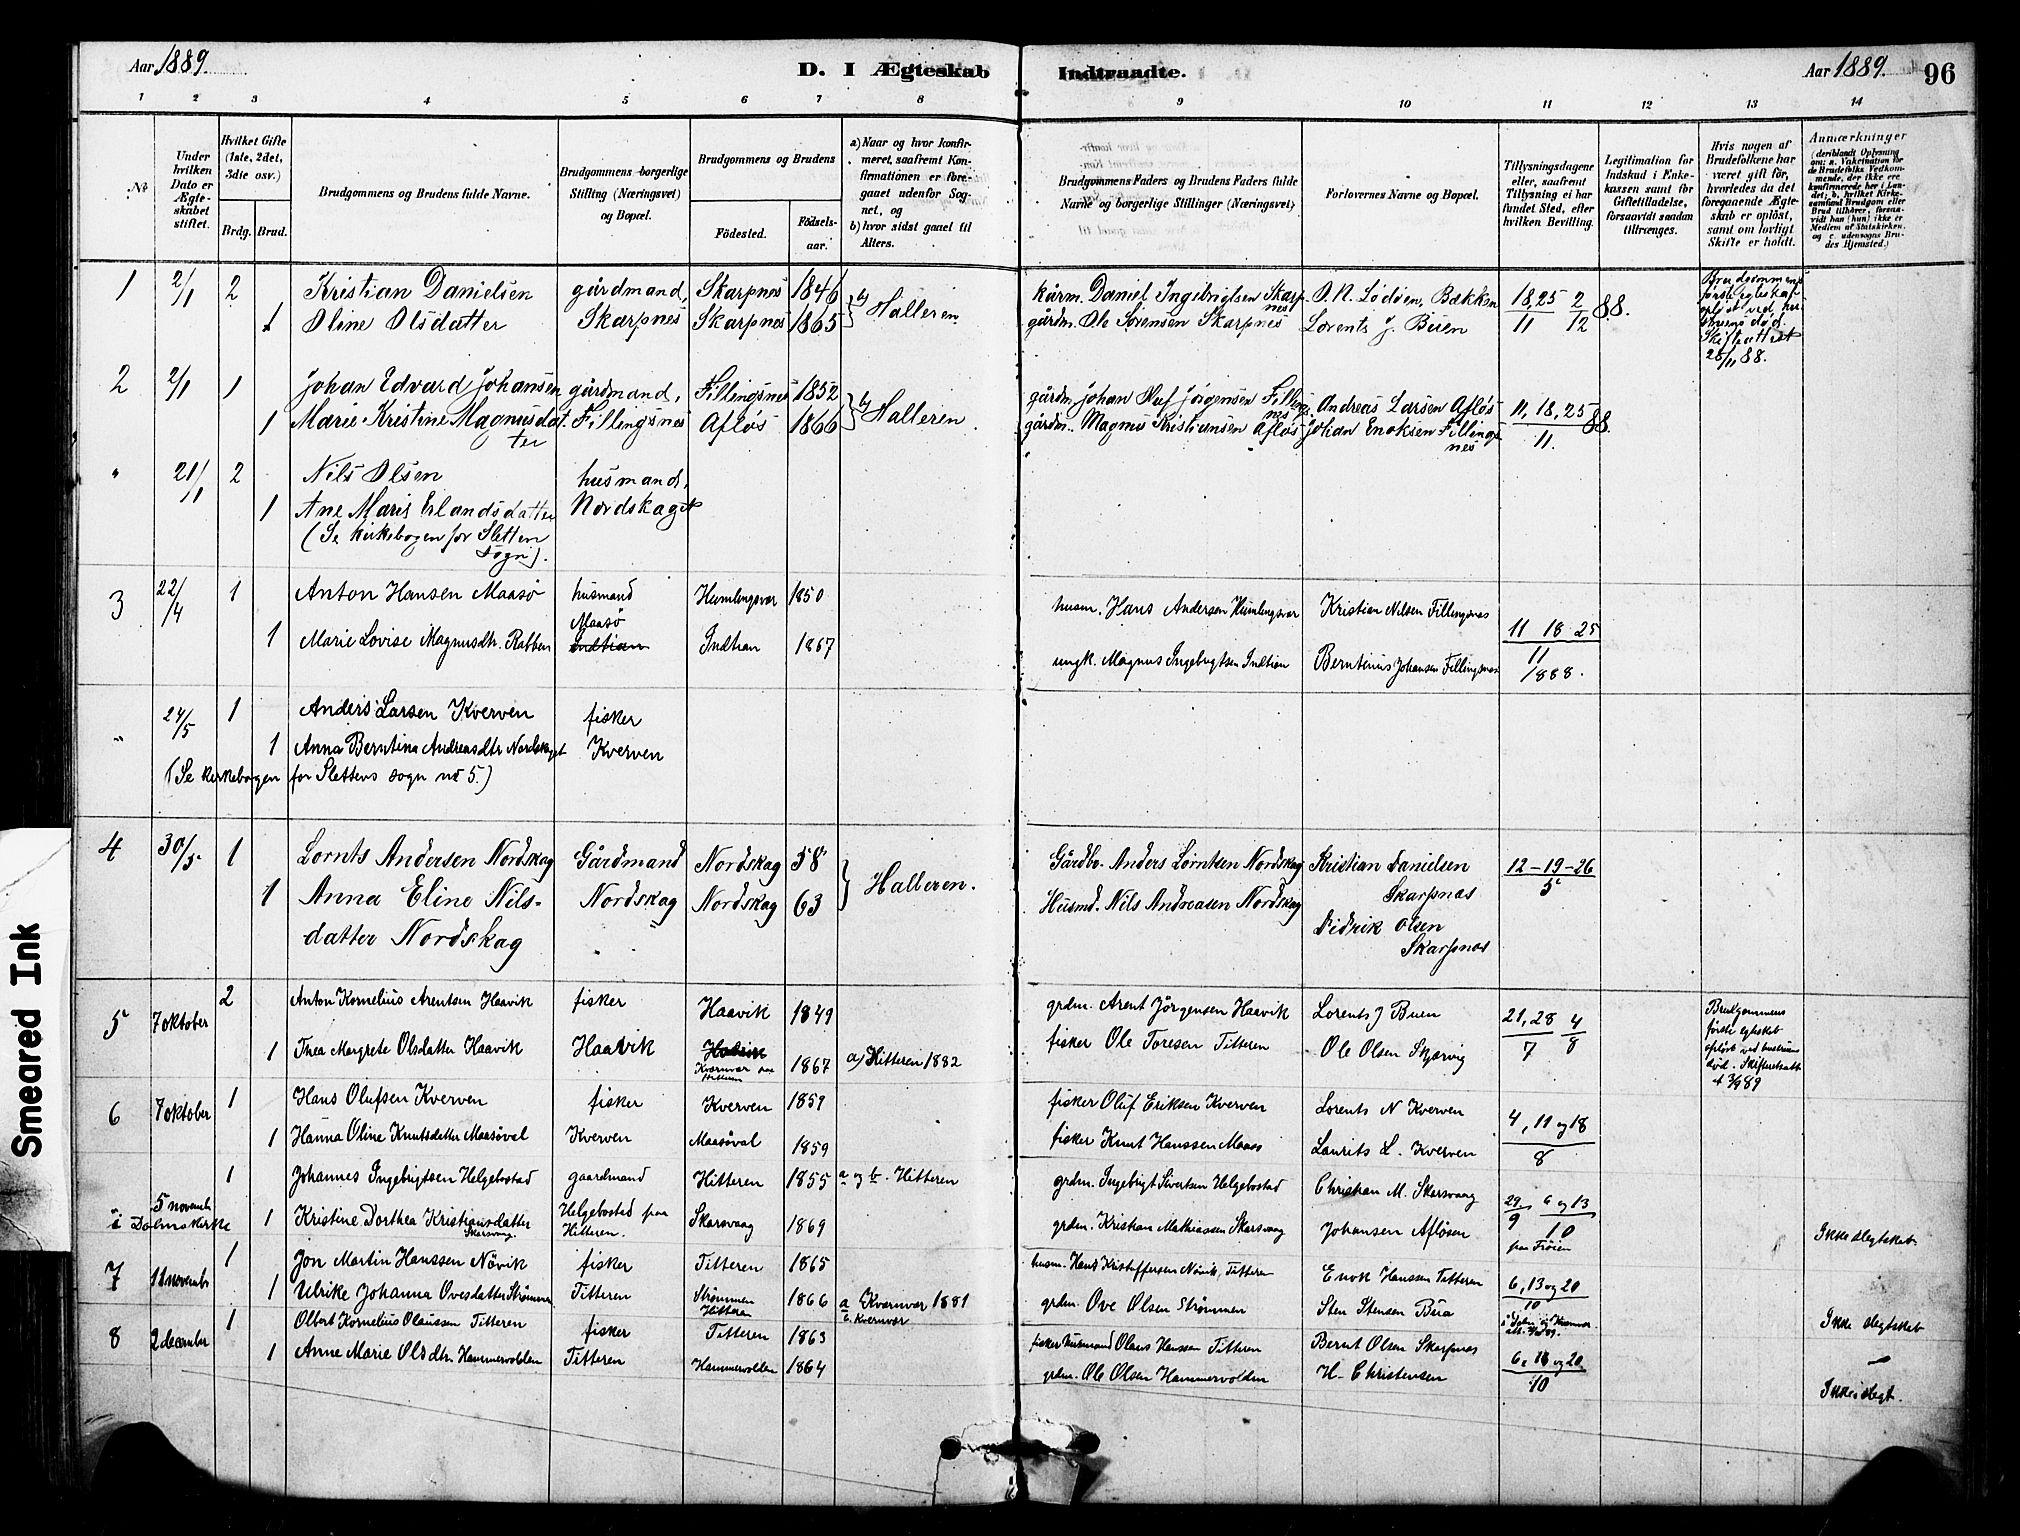 SAT, Ministerialprotokoller, klokkerbøker og fødselsregistre - Sør-Trøndelag, 641/L0595: Ministerialbok nr. 641A01, 1882-1897, s. 96